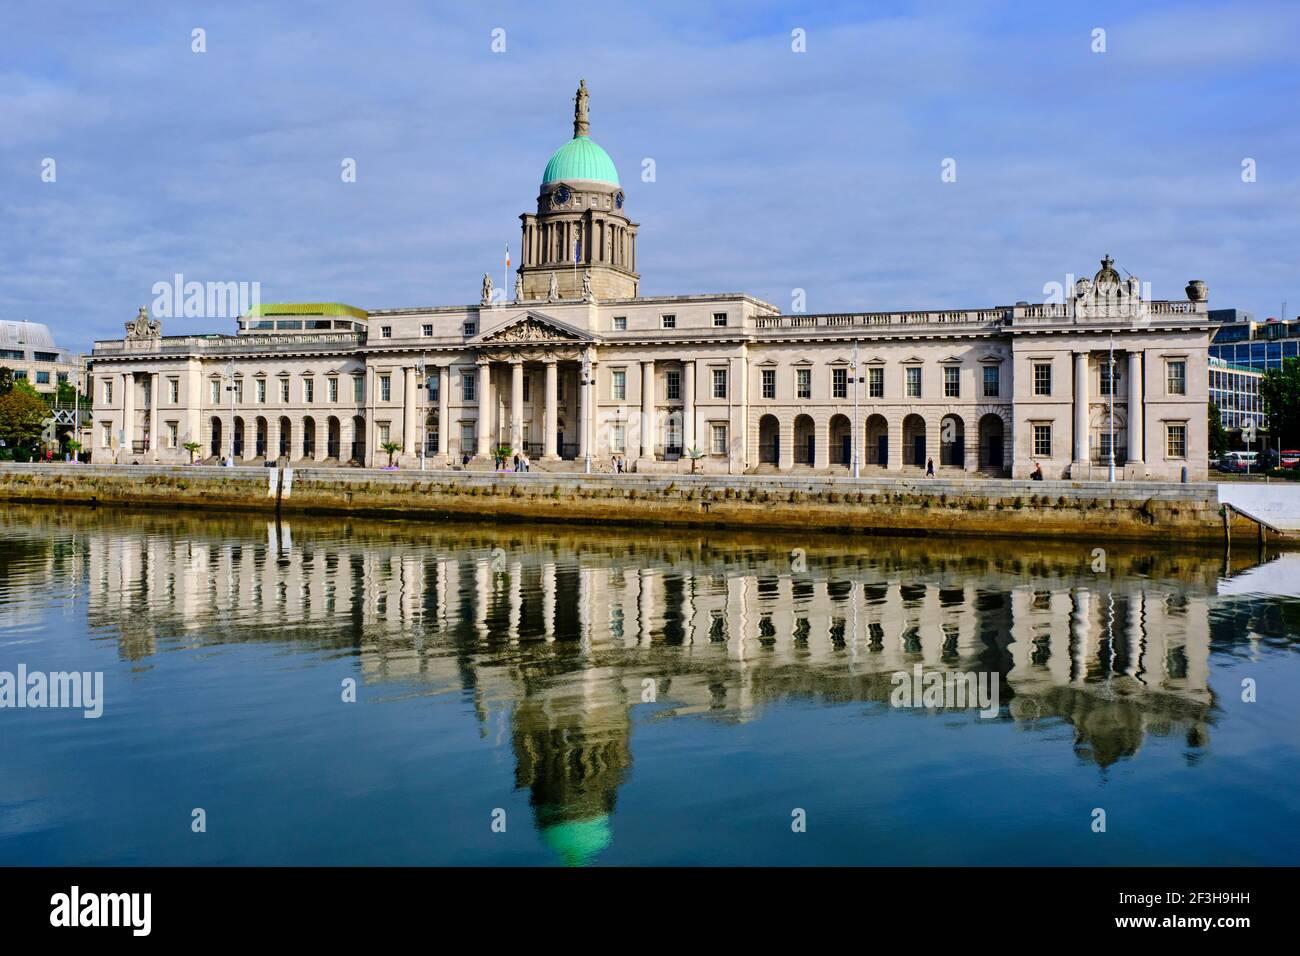 Republik Irland; Dublin, The Custom House, EIN neoklassizistisches Gebäude aus dem 18th. Jahrhundert, das von James Gandon entworfen wurde Stockfoto